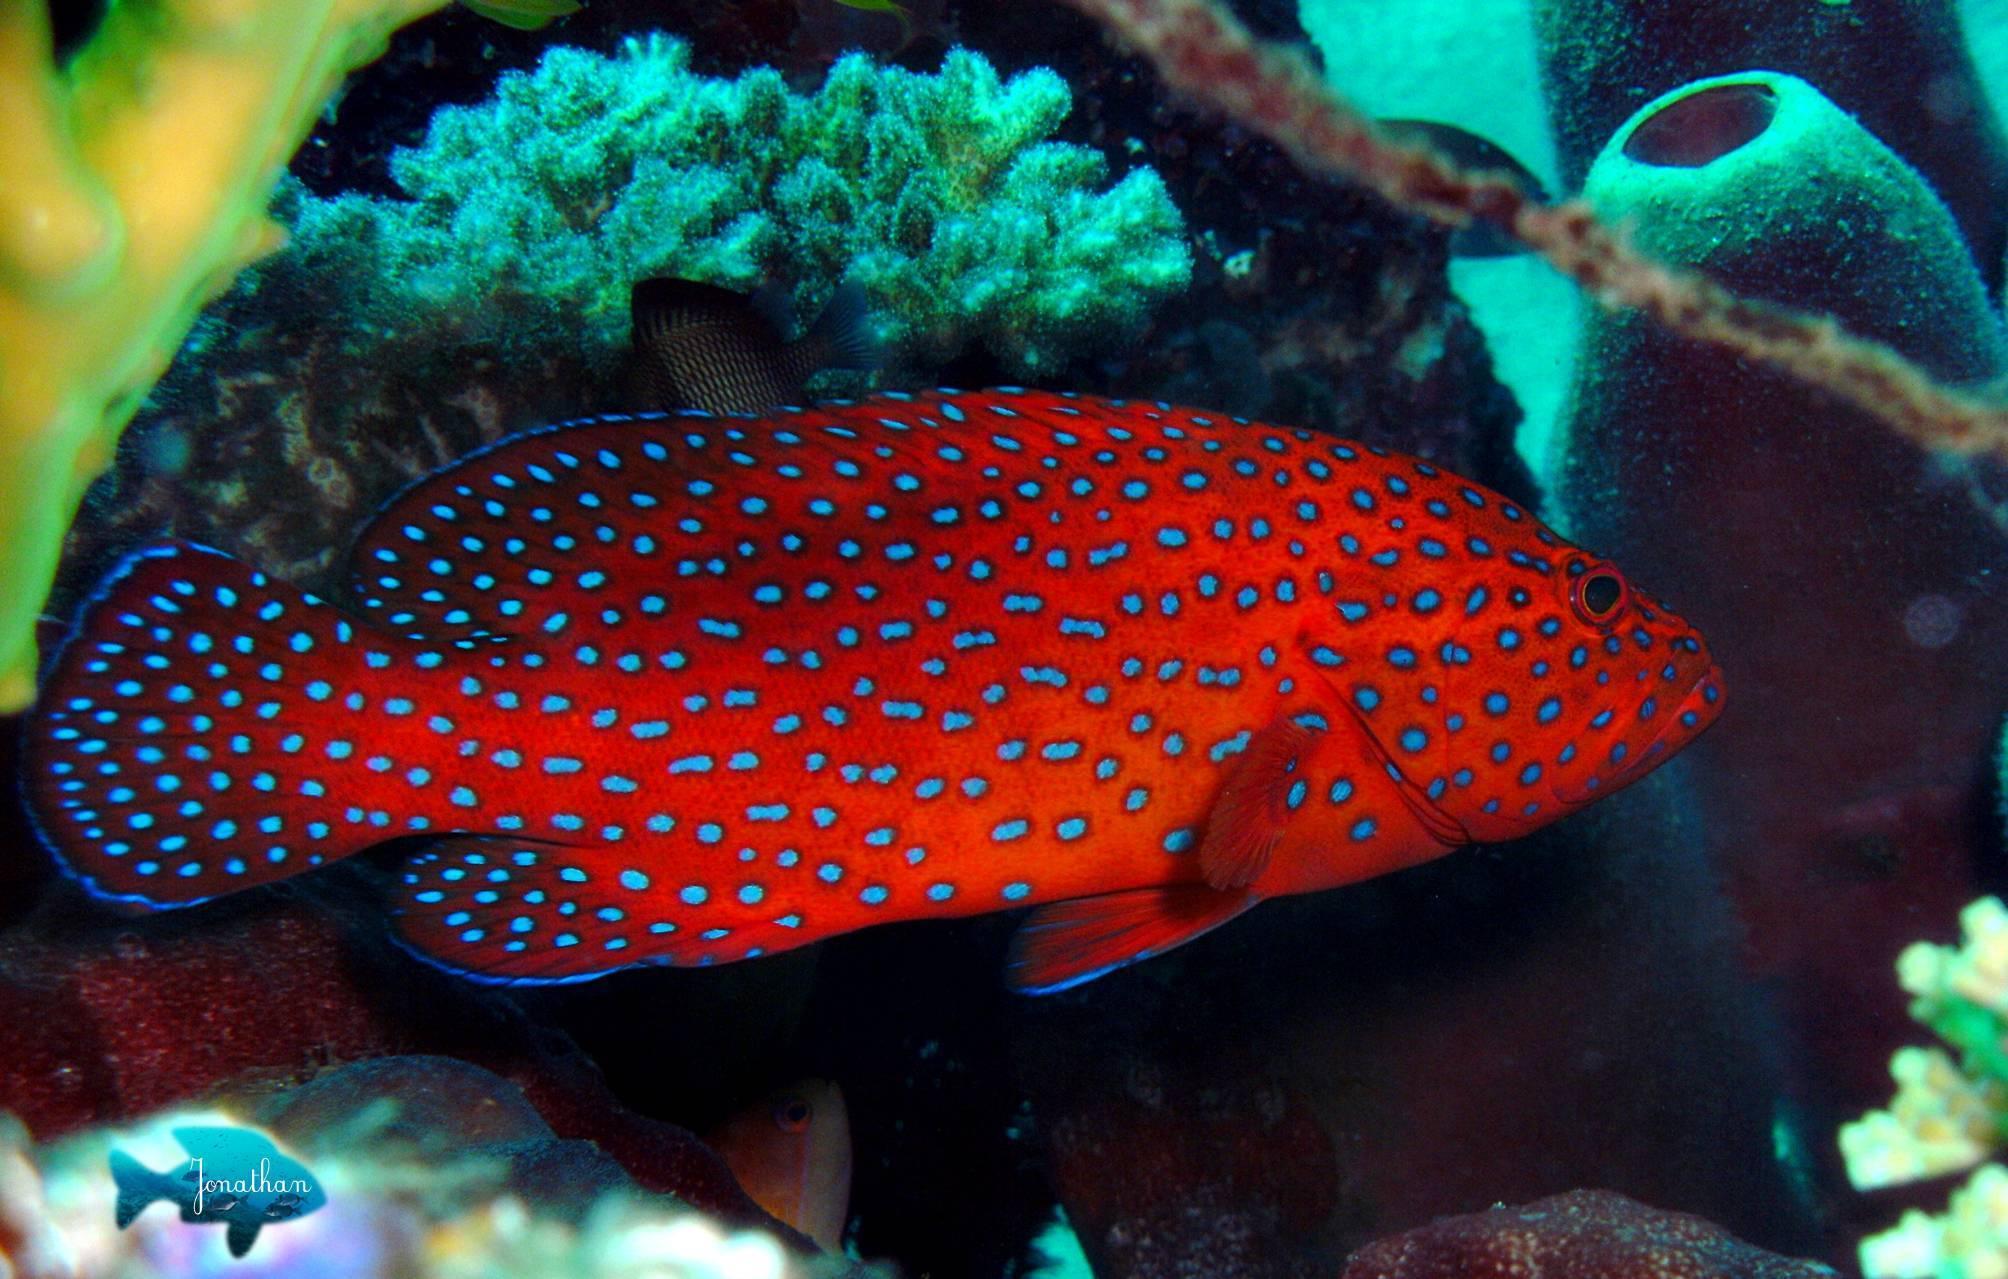 Групера рыба — описание вида и способы лова. 135 фото и видео как поймать групера